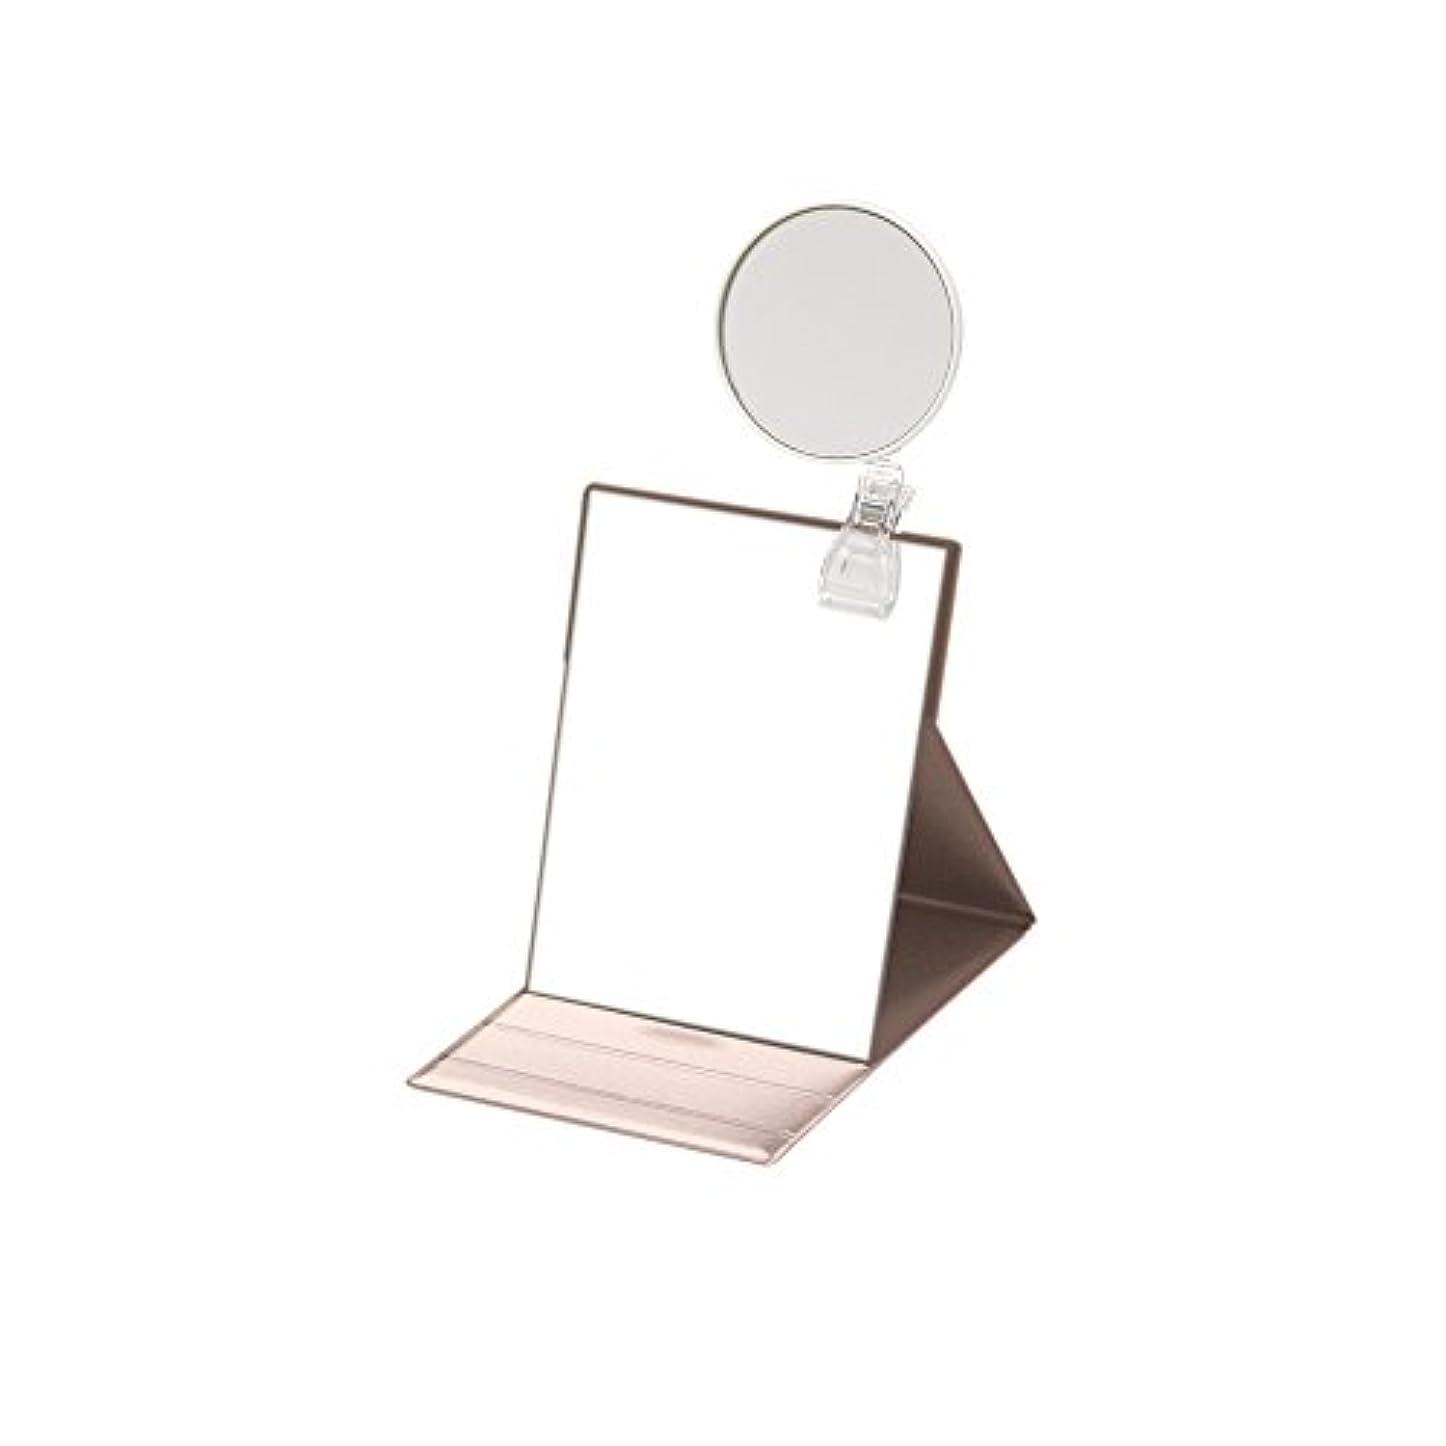 スプーン番目資産ナピュアミラー 5倍拡大鏡付きプロモデル折立ナピュアミラーM ピンクゴールド HP-34×5